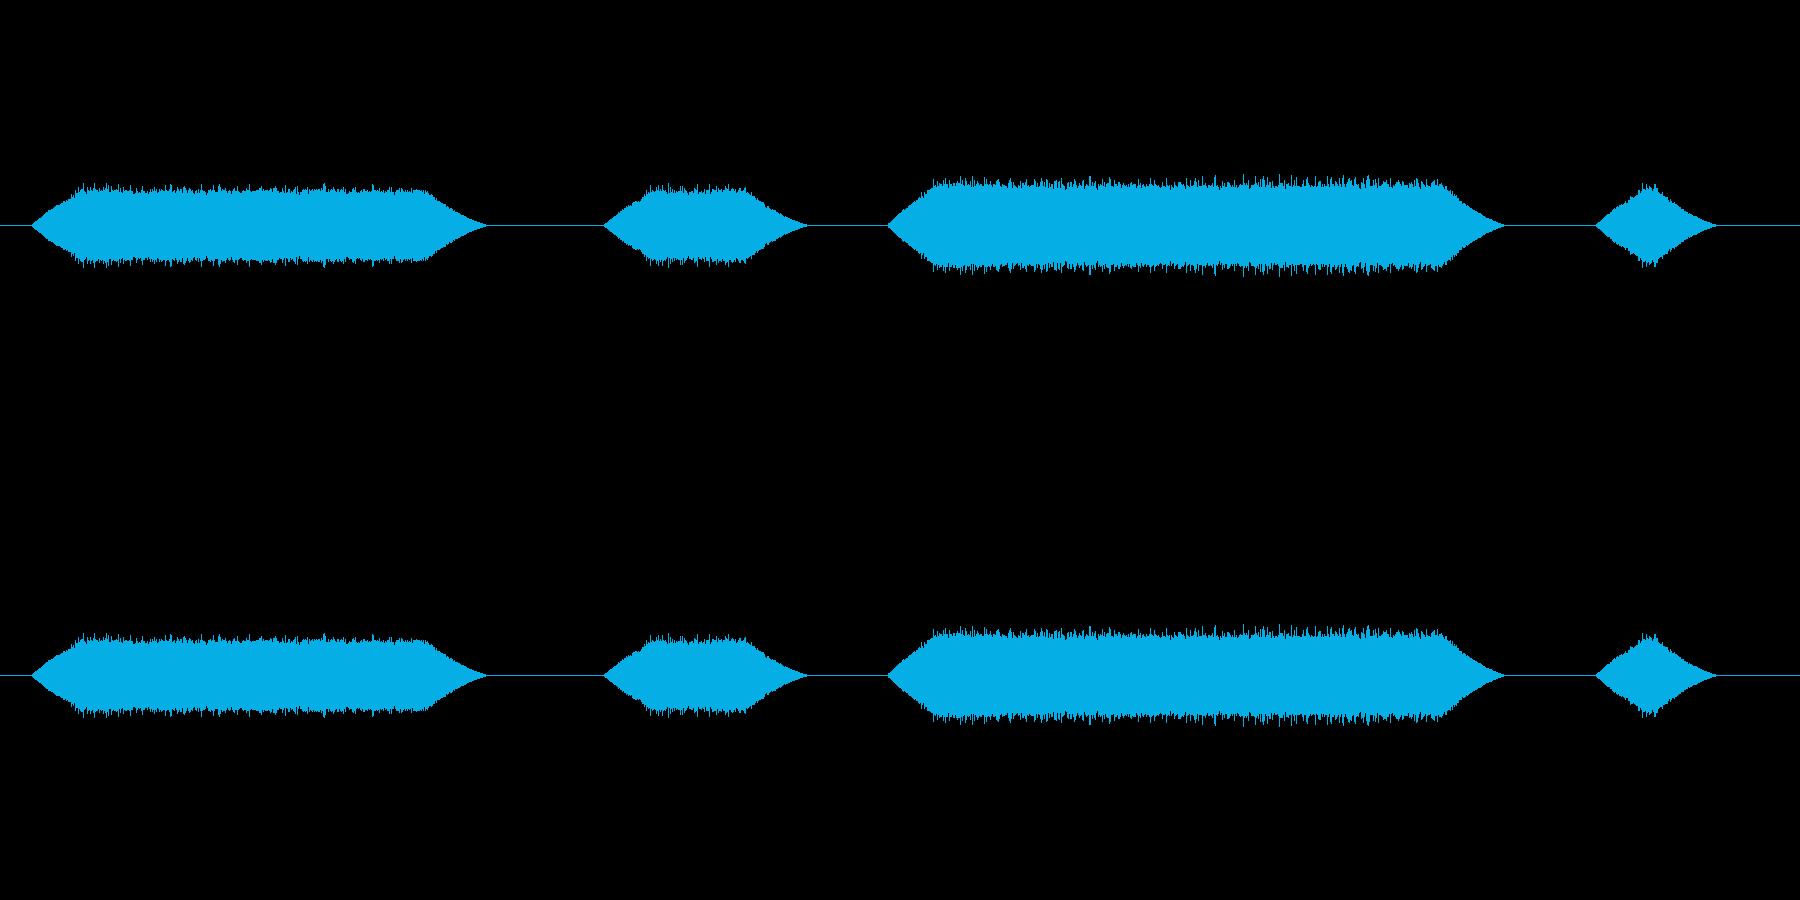 メカ動作・レーザーメス#6の再生済みの波形